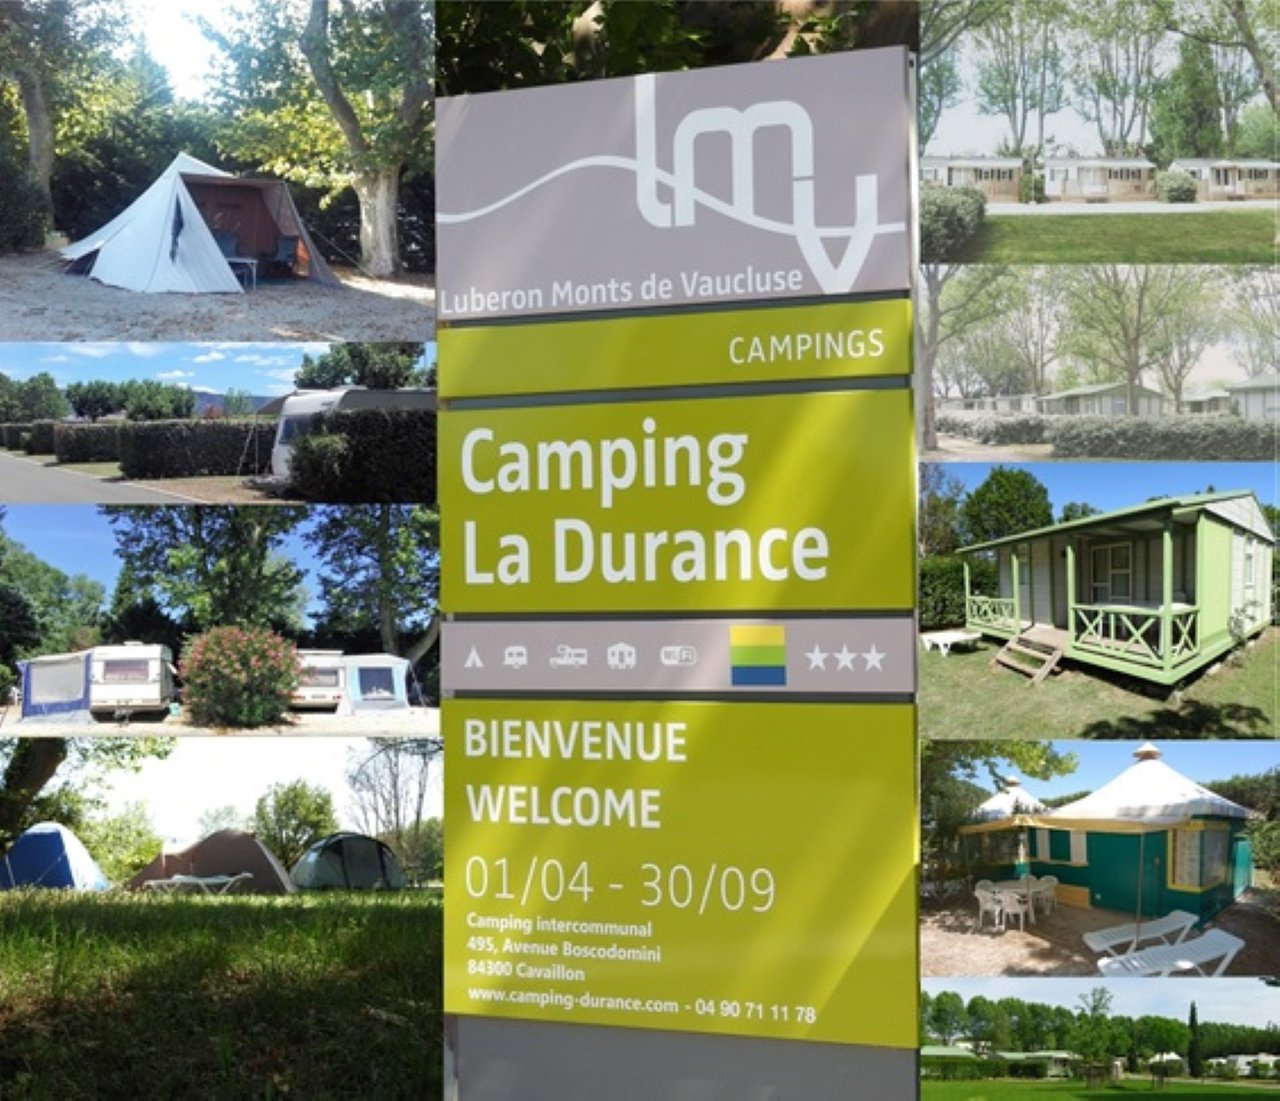 Les Meilleurs Campings À Cavaillon En 2020 (Avec Prix ... concernant Camping Lubéron Avec Piscine